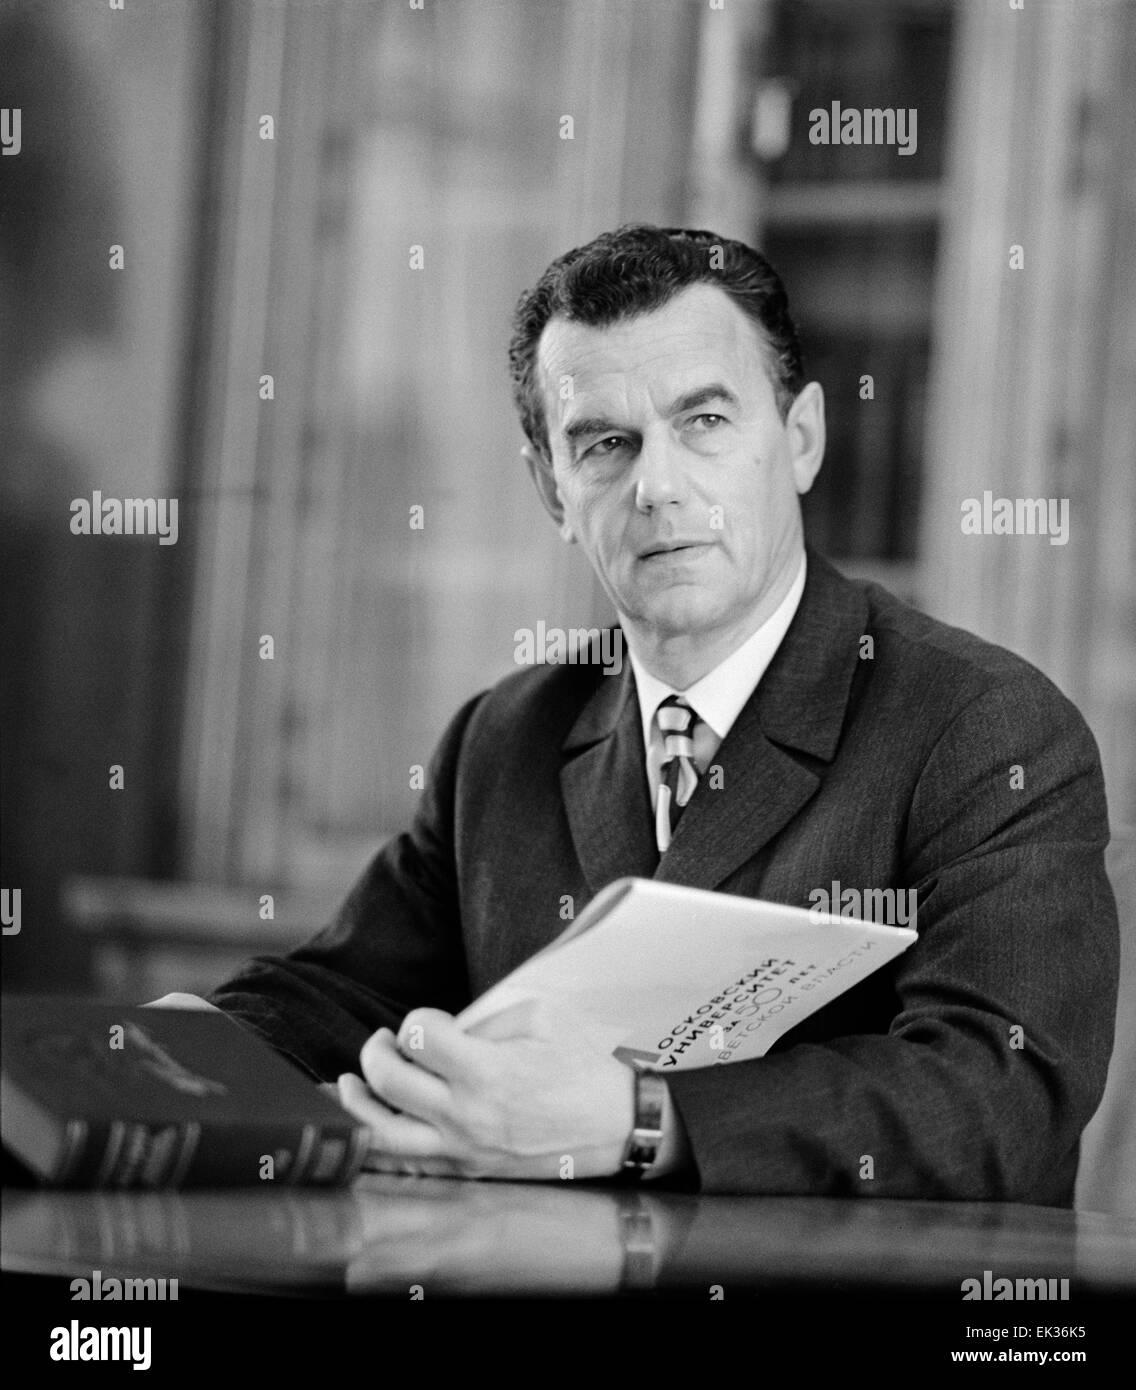 ITAR-TASS: USSR, MOSCOW. Rector of Lomonosov Moscow State University Rem Khokhlov. - Stock Image